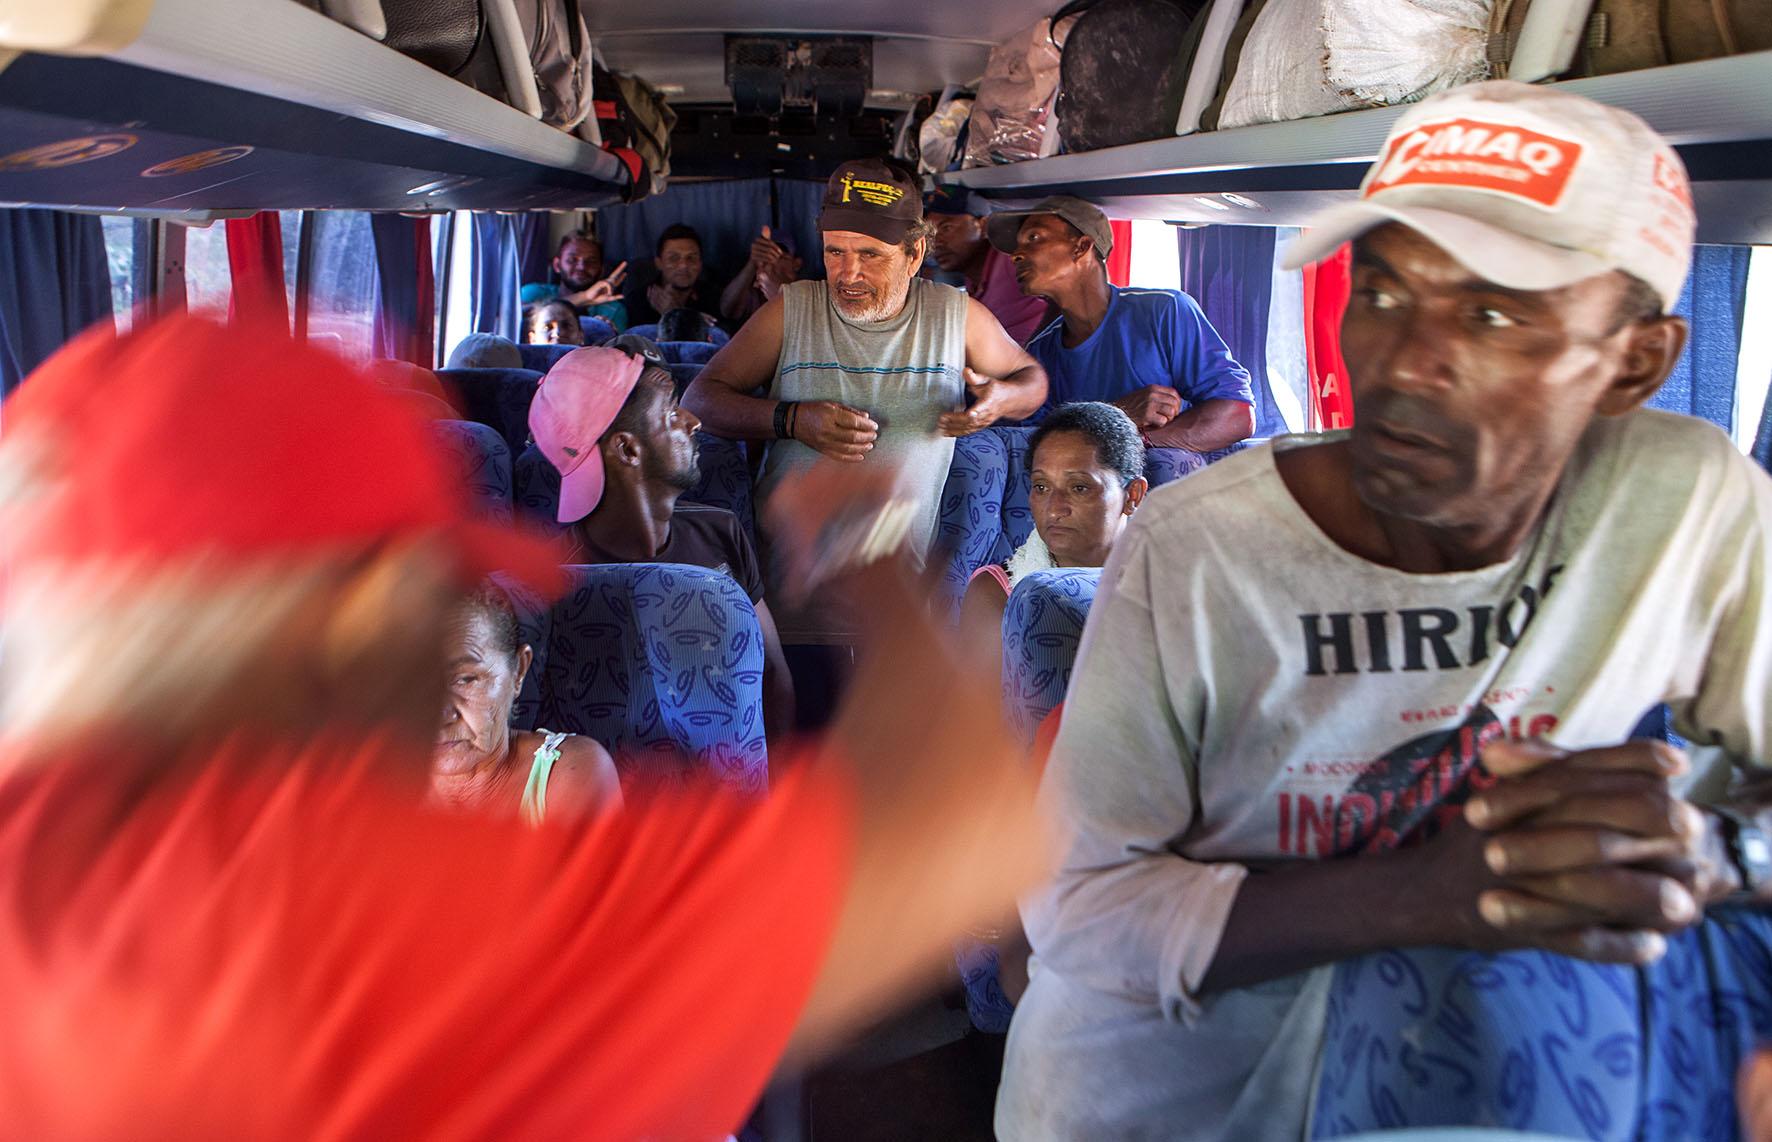 Um ônibus foi contratado para retirar os trabalhadores. Diferente da regra anterior, dessa vez foi a proprietária que pagou pelo deslocamento